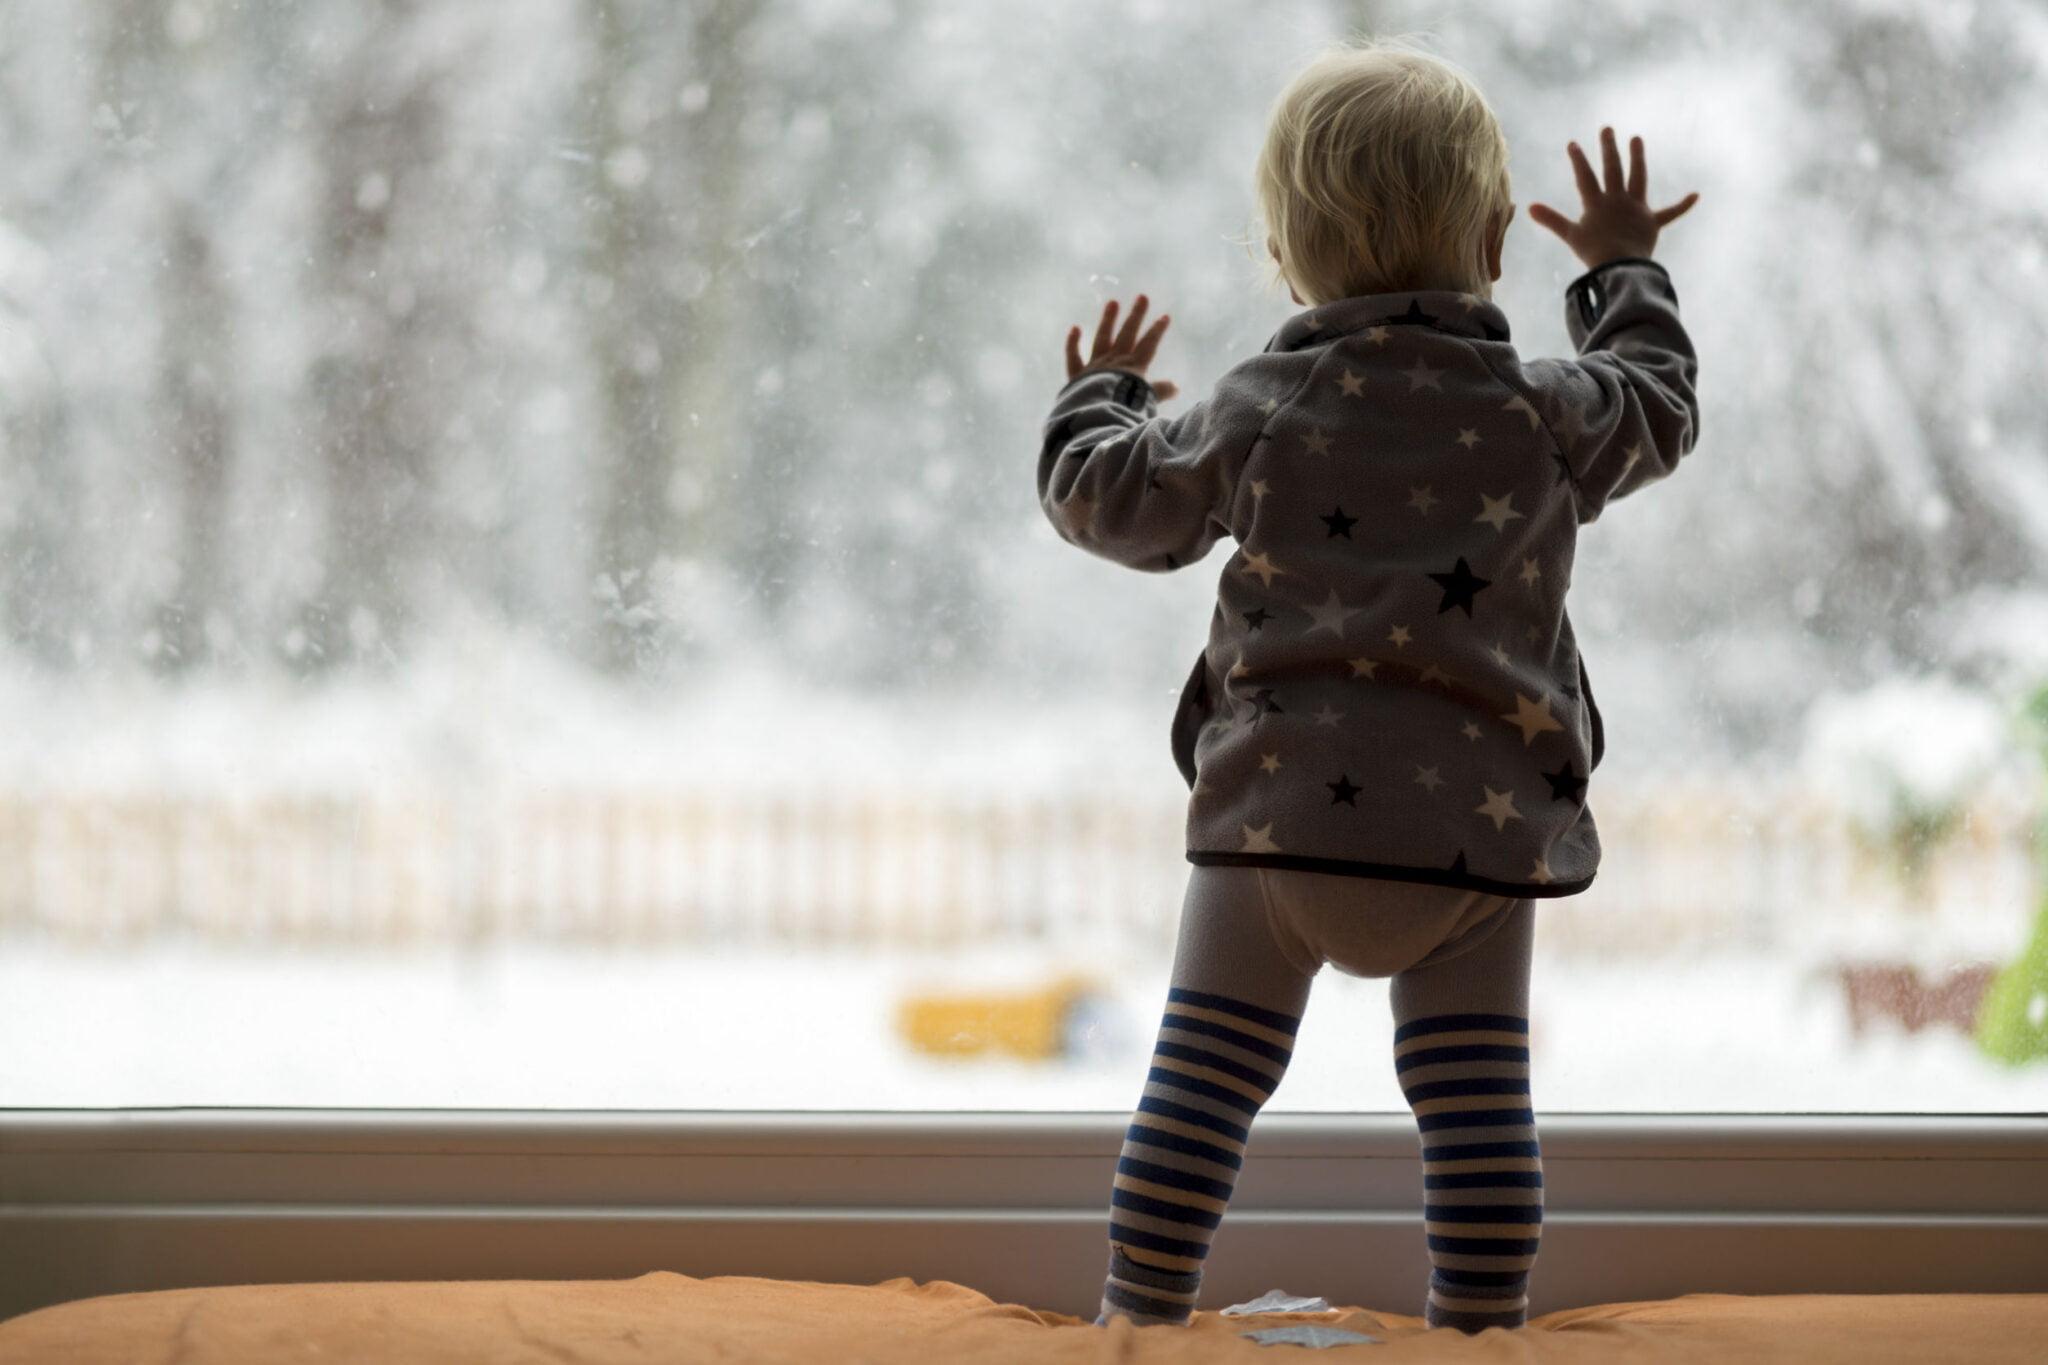 Binnen spelen met sneeuw; 9 tips en ideeën zoals verven en sneeuwpop maken - Mamaliefde.nl